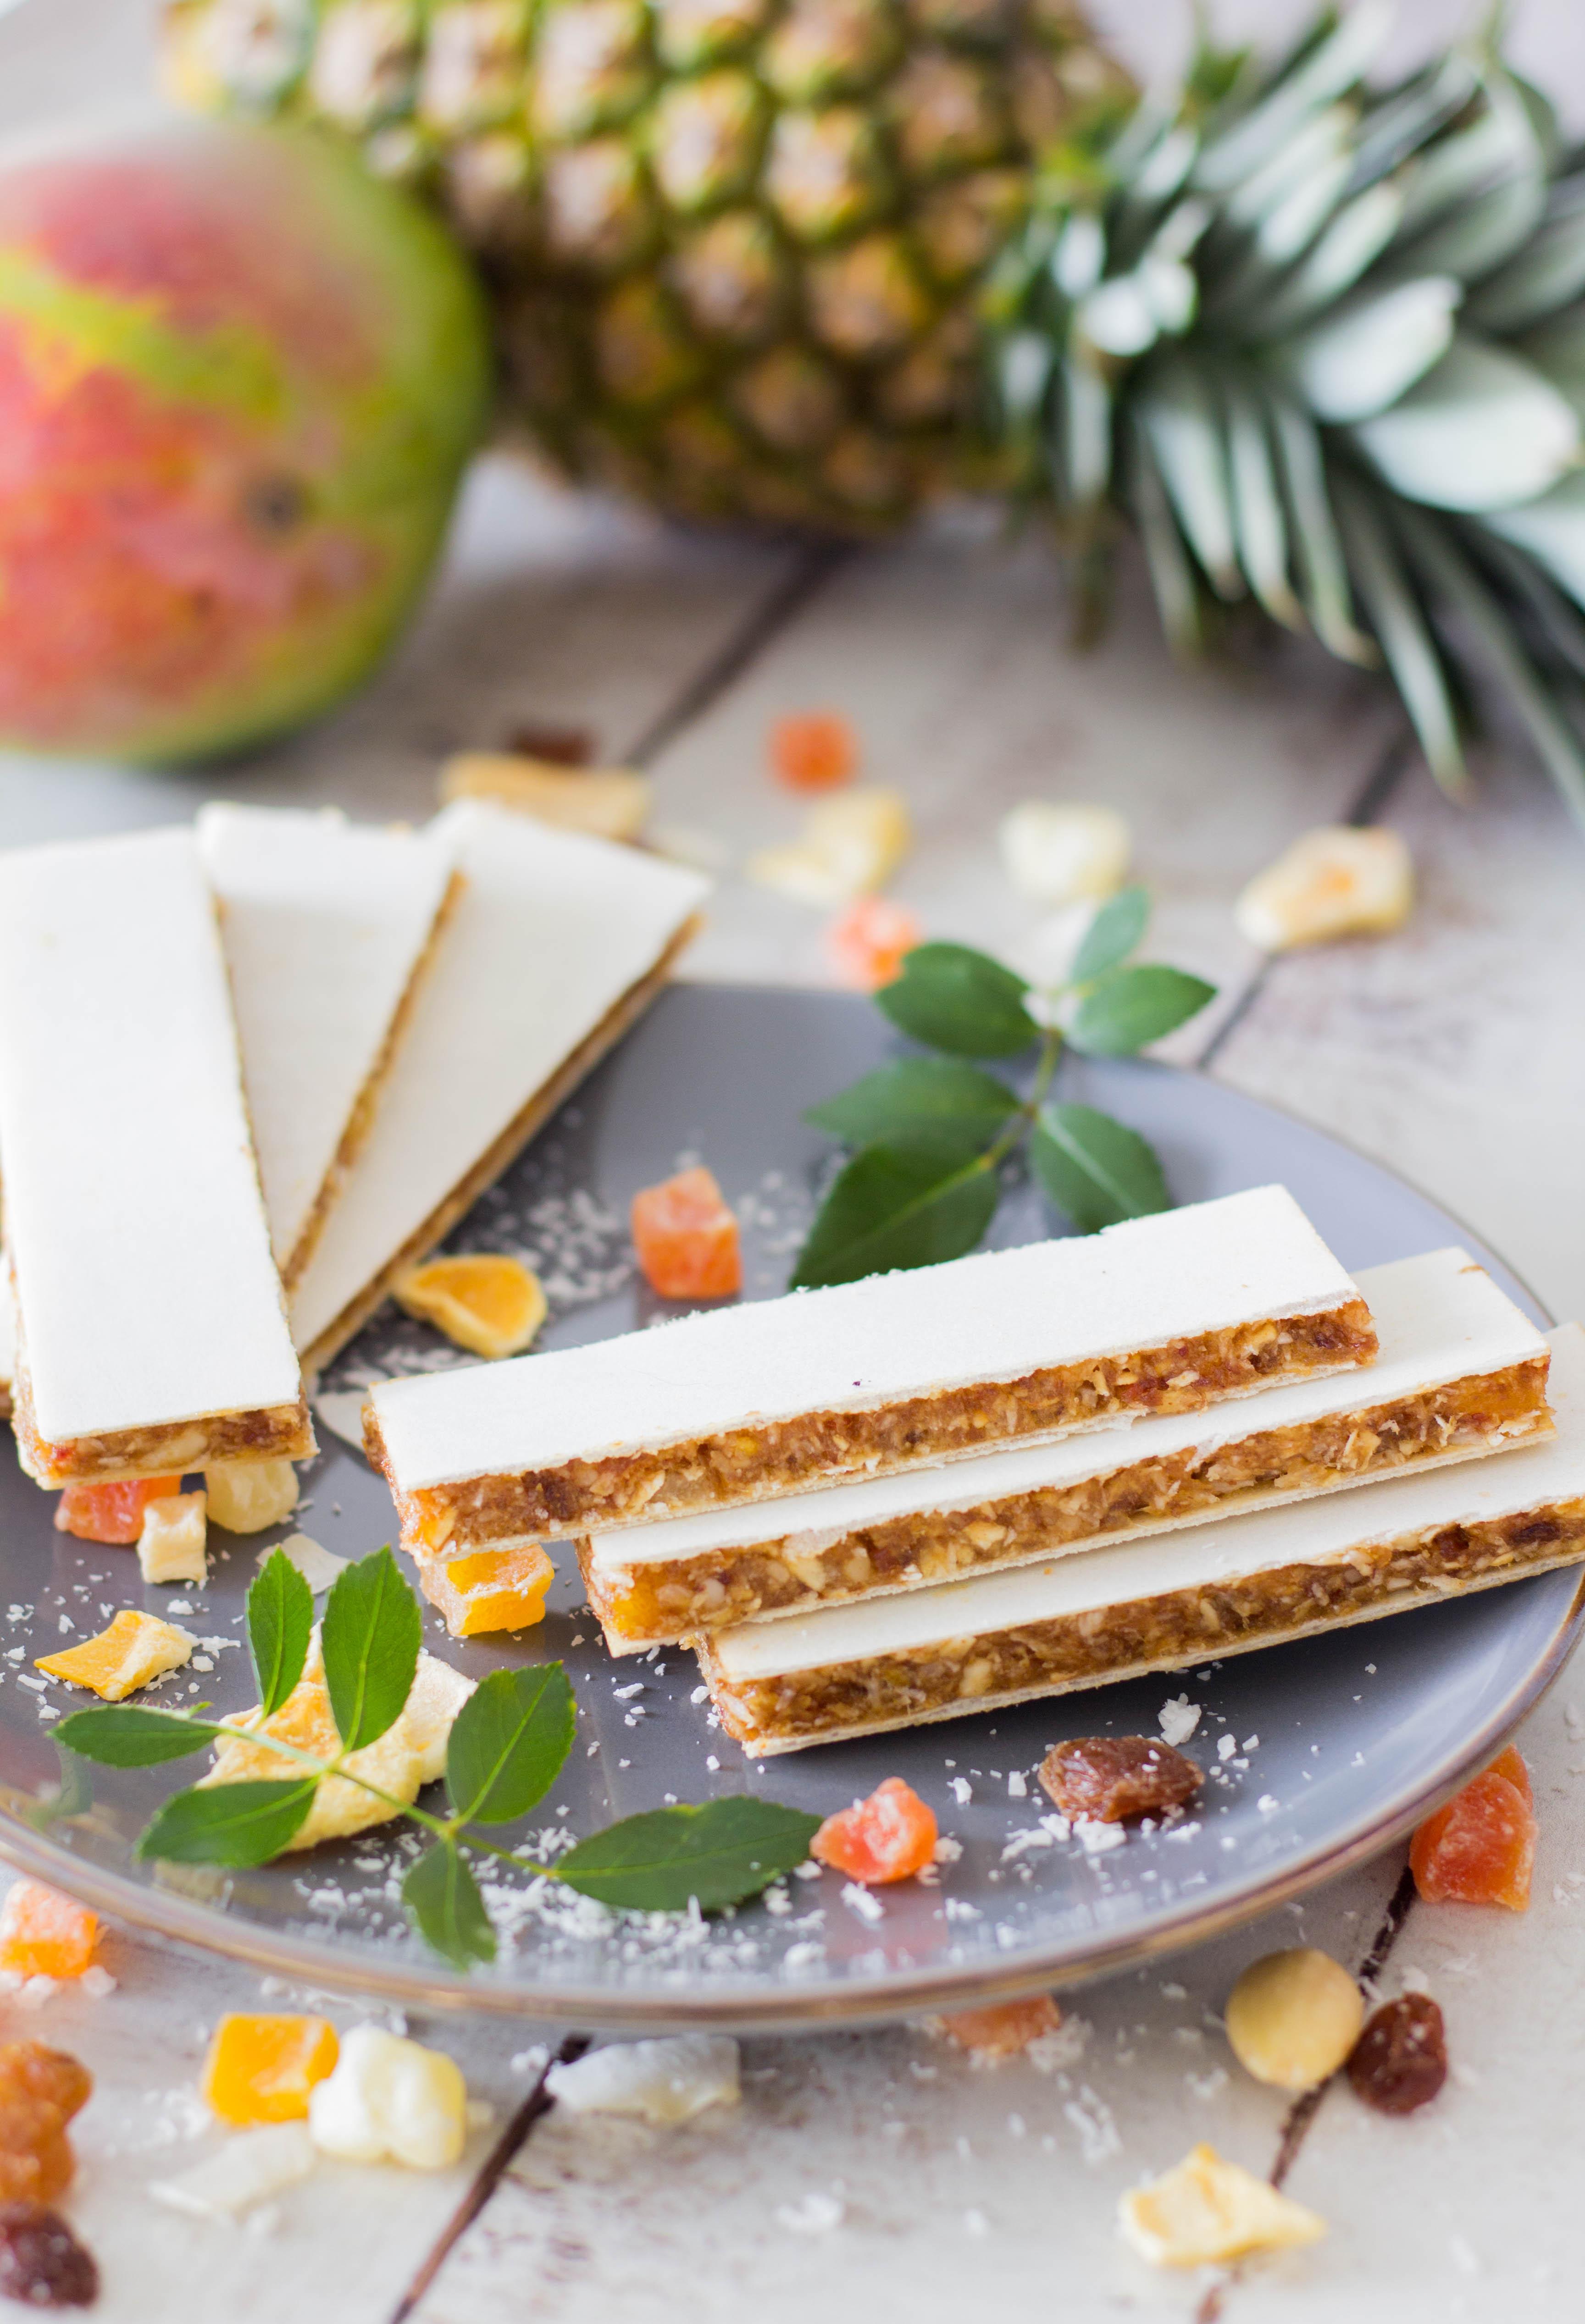 Fruchtriegel - gesunder, fruchtiger Snack für Kinder - ohne Backen, ohne Zusatz von Zucker. Leckere und gesunde Zwischenmahlzeit. Lieblingszwei.de